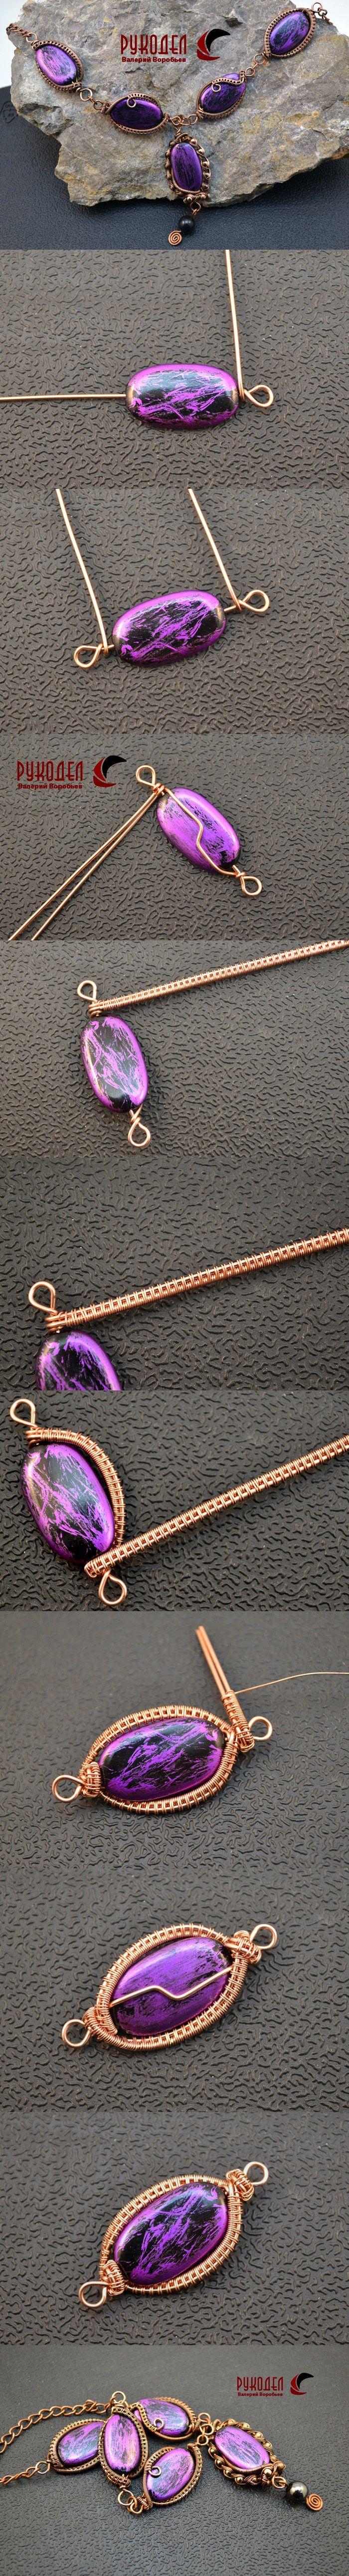 Ожерелье своими руками. Оплетаем бусину проволокой. | Рукодел - http://magazin-rukodel.ru/: